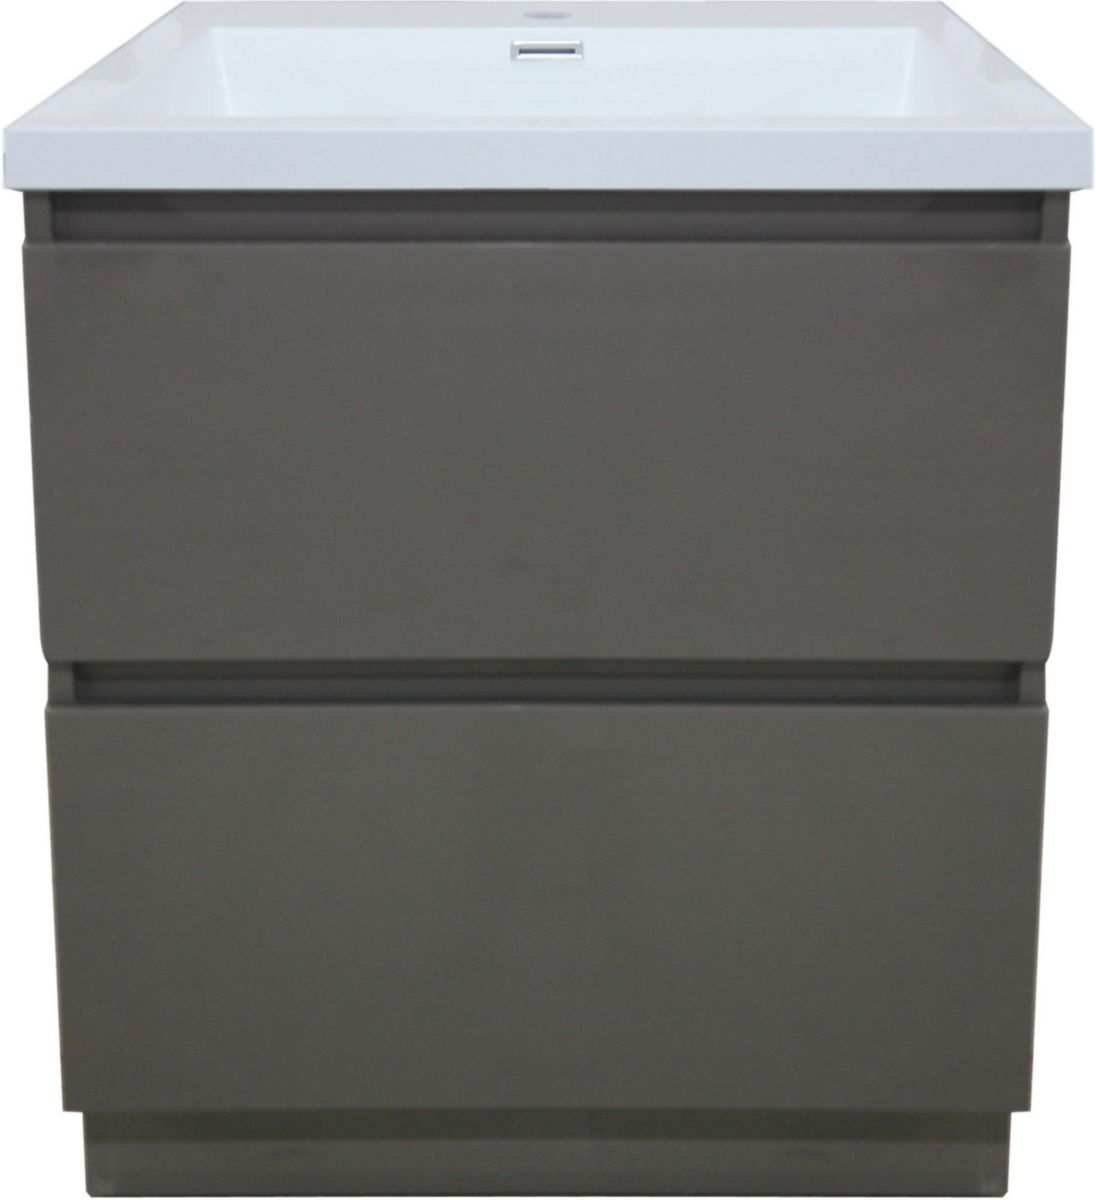 meuble sous vasque primeo 80 cm au sol 2 tiroirs gris alterna sanitaire brossette